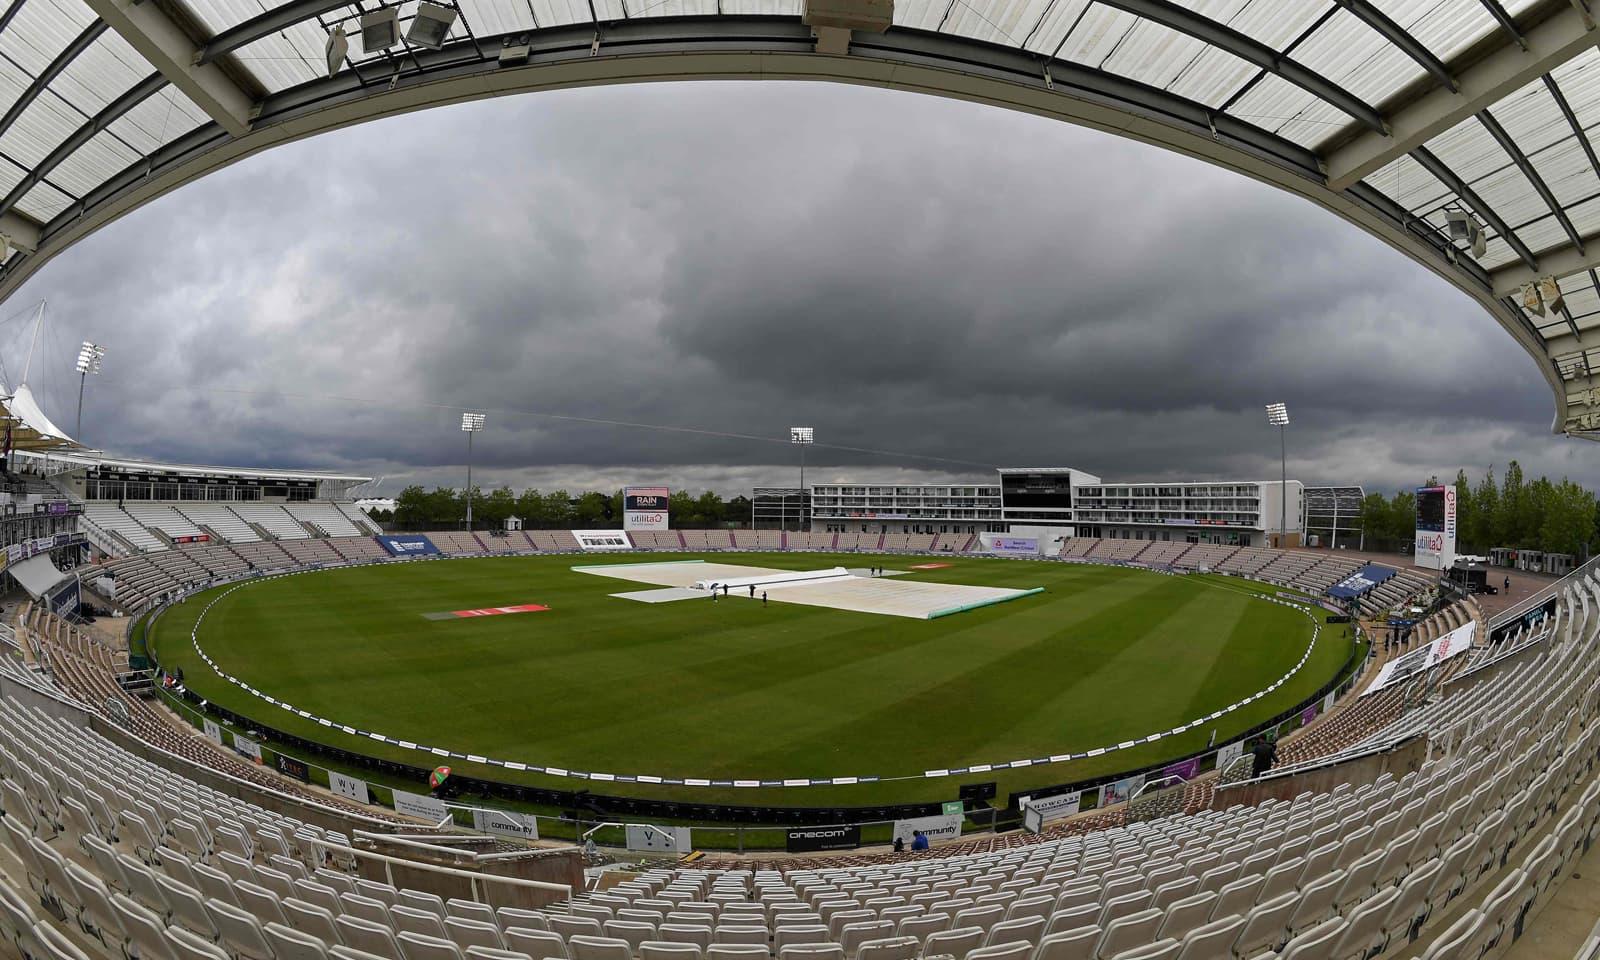 میچ بارش کے باعث تاخیر سے شروع ہوا— فوٹو: اے ایف پی